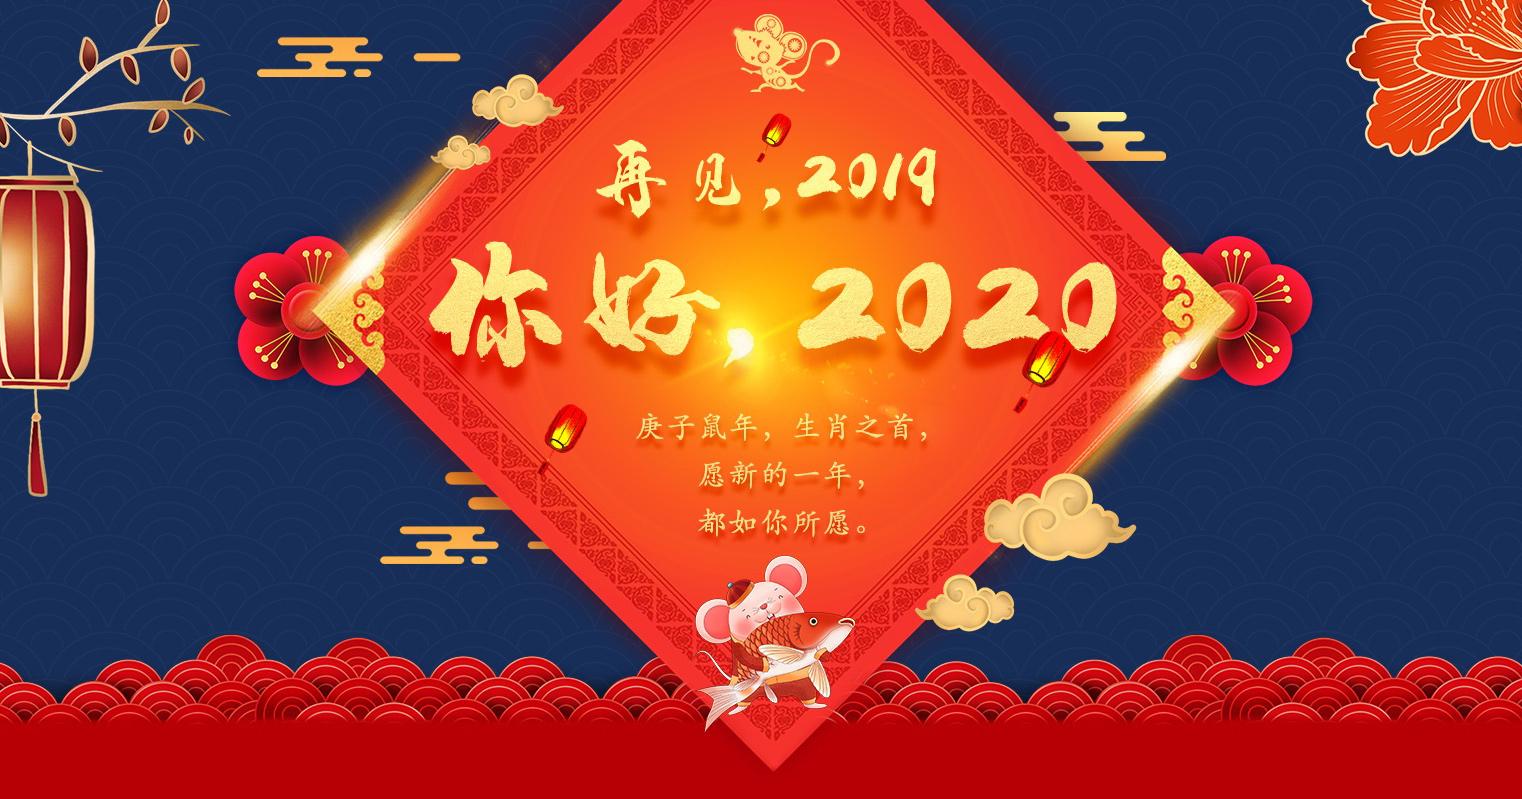 新的一年,新的开始,新的希望,思纬网络恭祝各位元旦快乐!